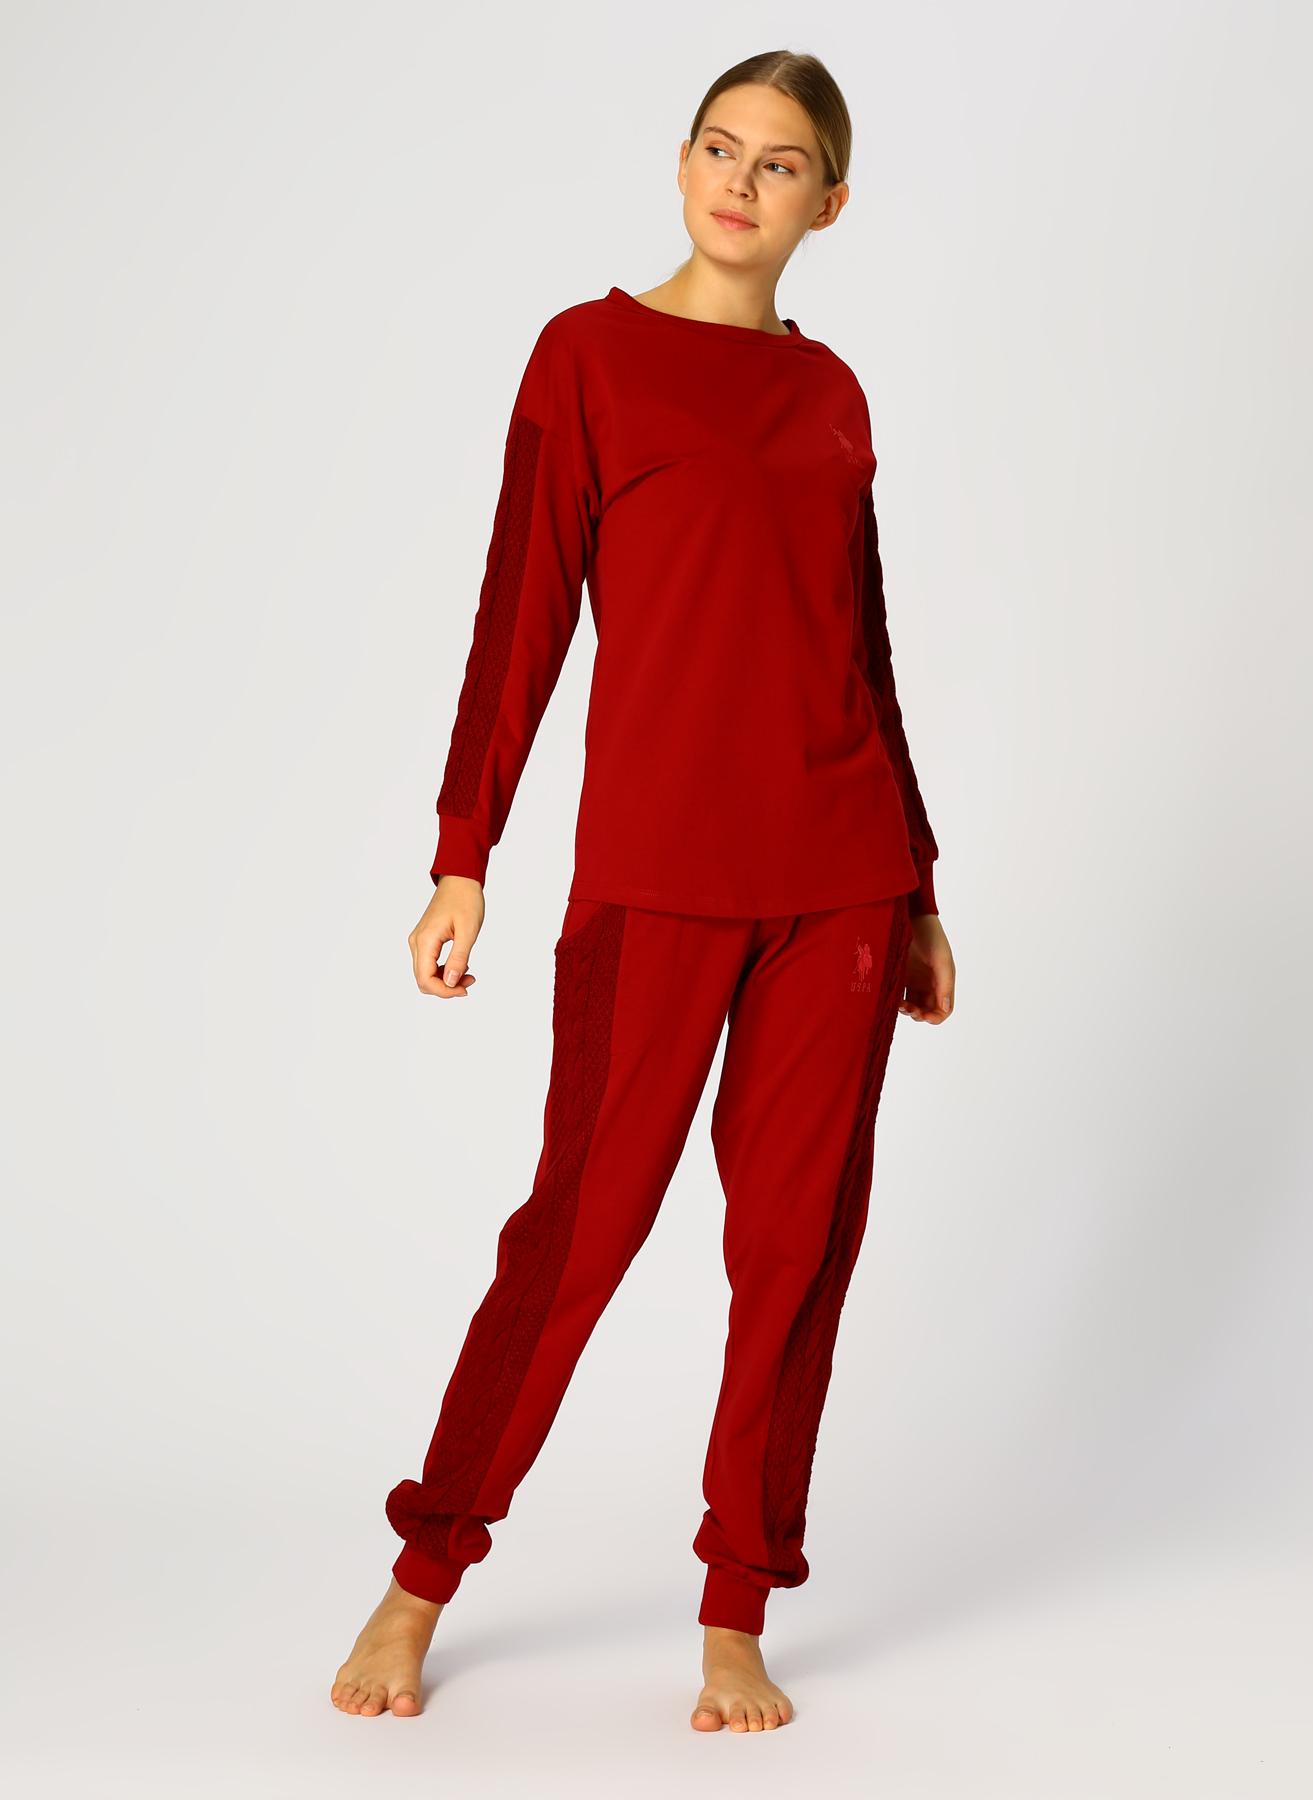 U.S. Polo Assn. Pijama Takımı S 5001947062005 Ürün Resmi